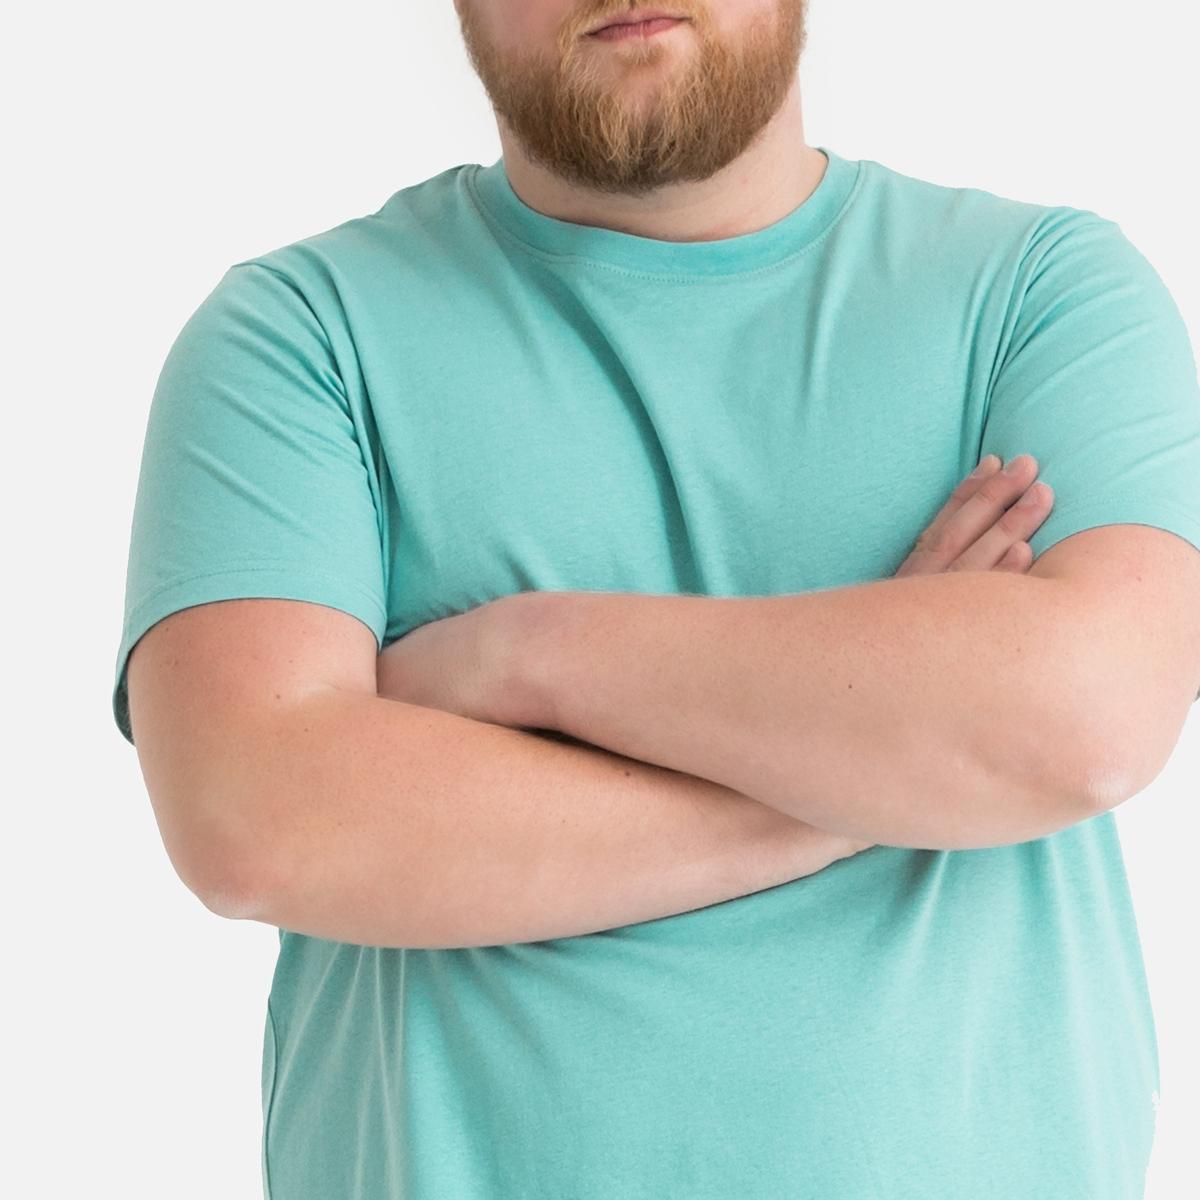 T-shirt de gola redonda, mangas curtas, tamanho grande